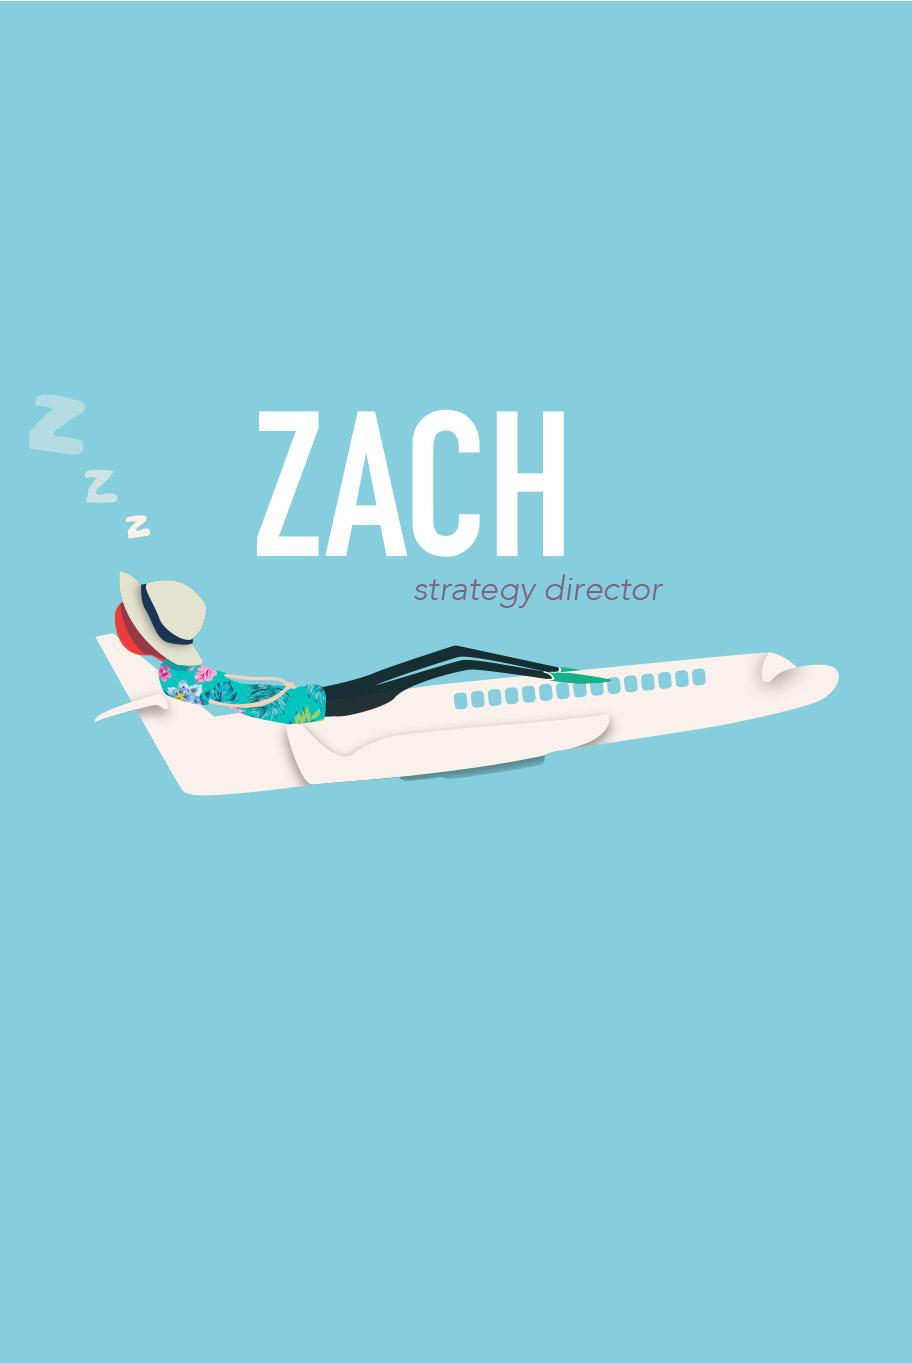 ZACH ZIMMEL